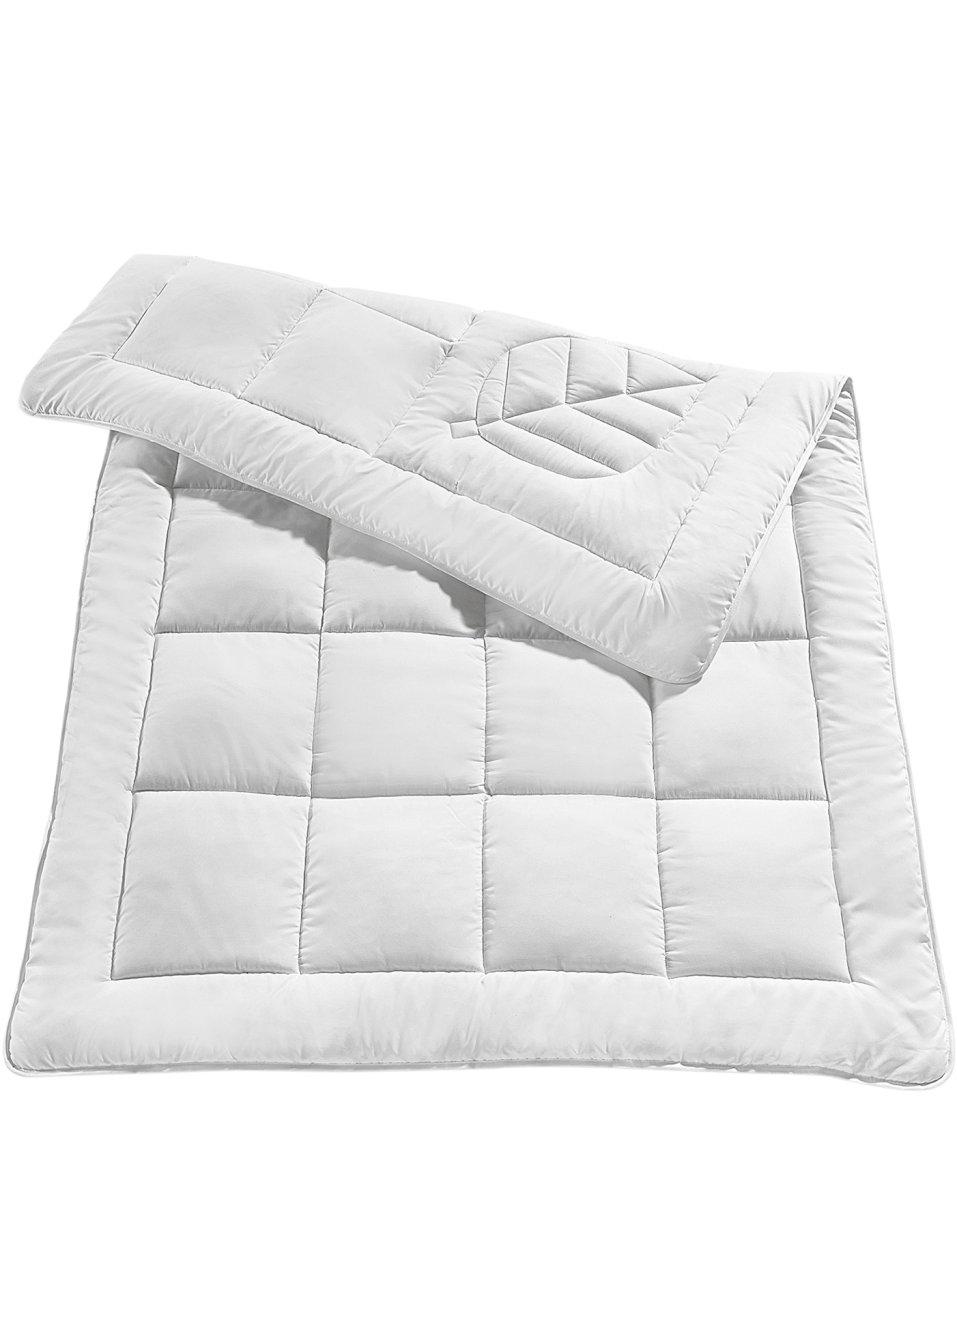 allergiker bettdecke mit hohem schlafkomfort weiss. Black Bedroom Furniture Sets. Home Design Ideas